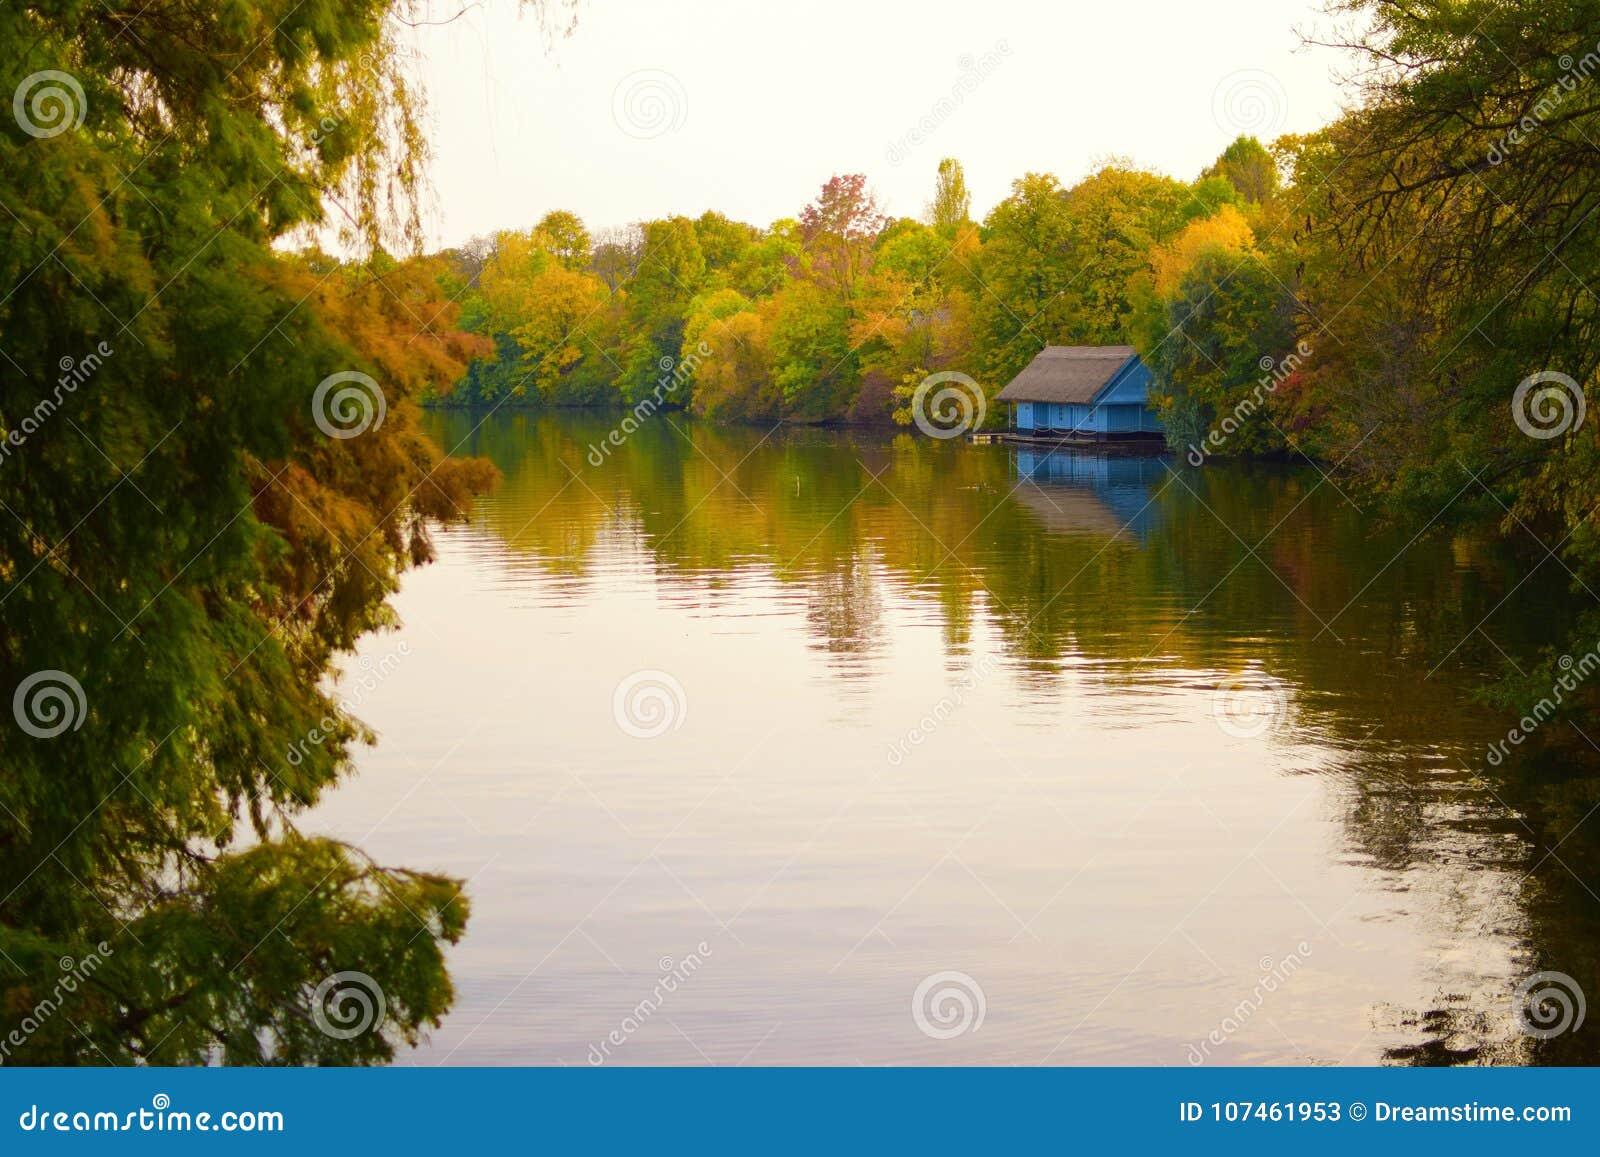 Голубой дом берегом озера